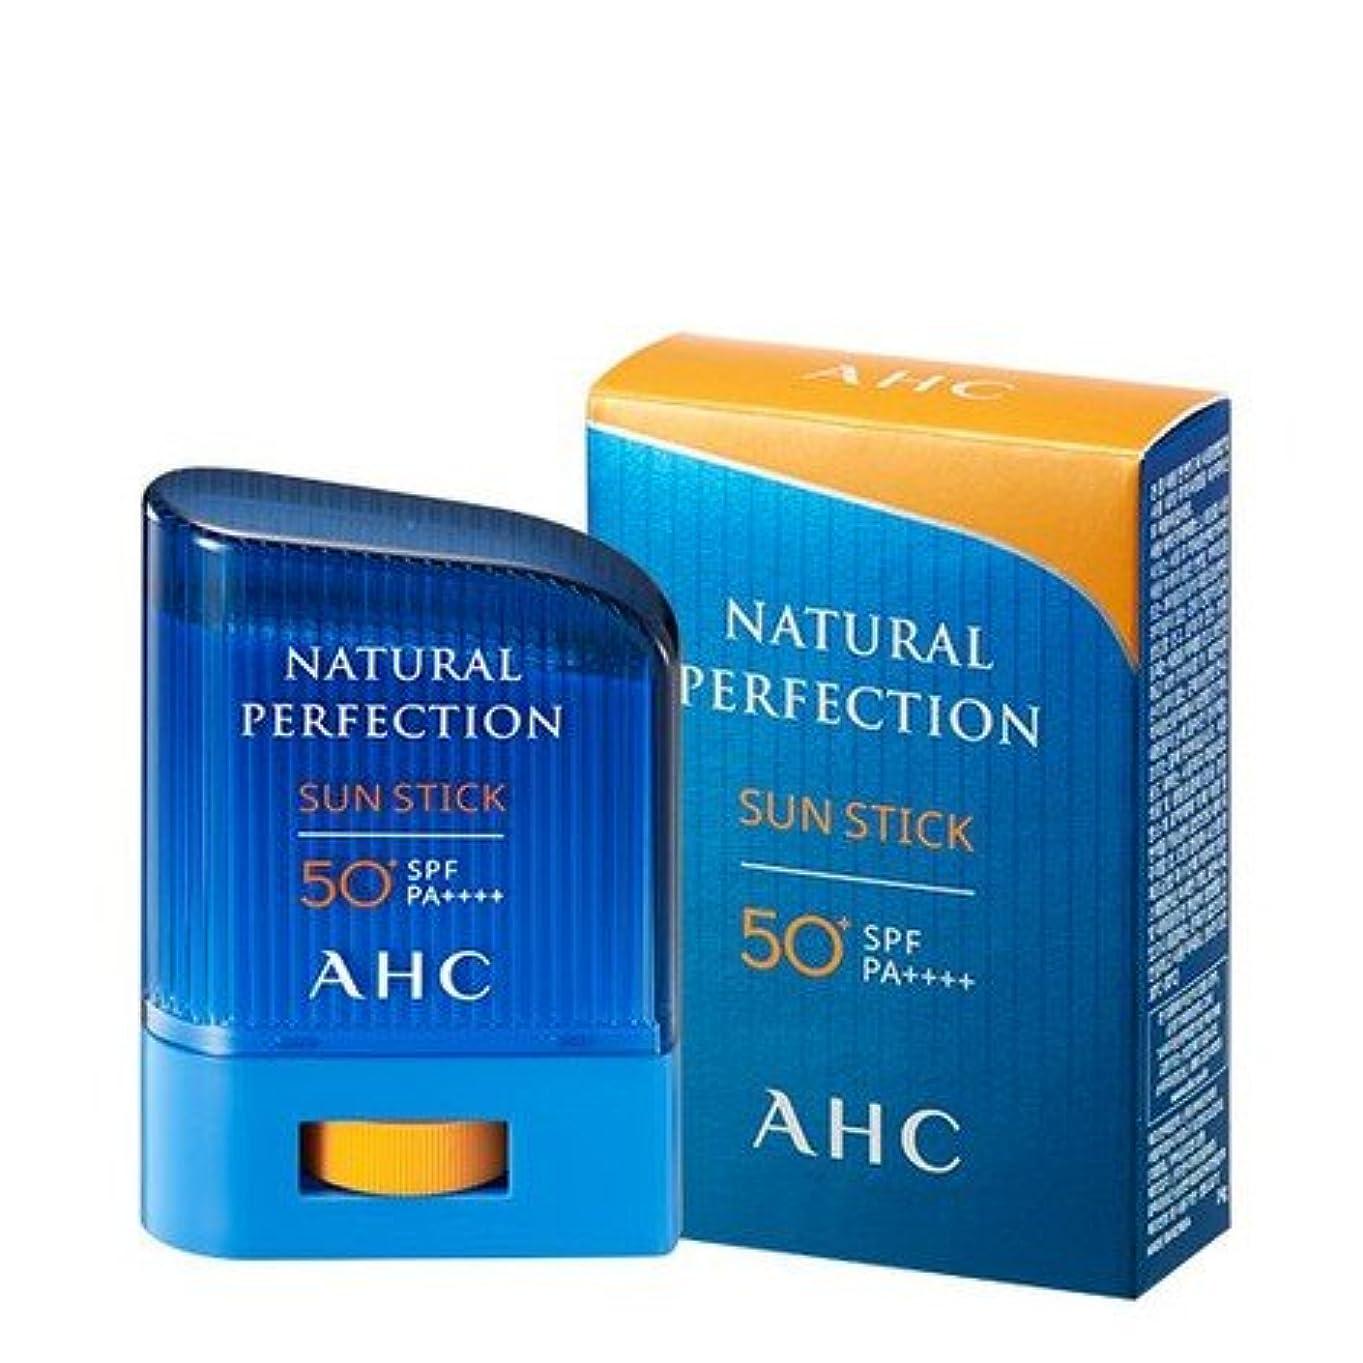 フォームミリメーターシミュレートする[Renewal 最新] AHCナチュラルパーフェクション線スティック / AHC NATURAL PERFECTION SUN STICK [SPF 50+ / PA ++++] [並行輸入品] (14g)